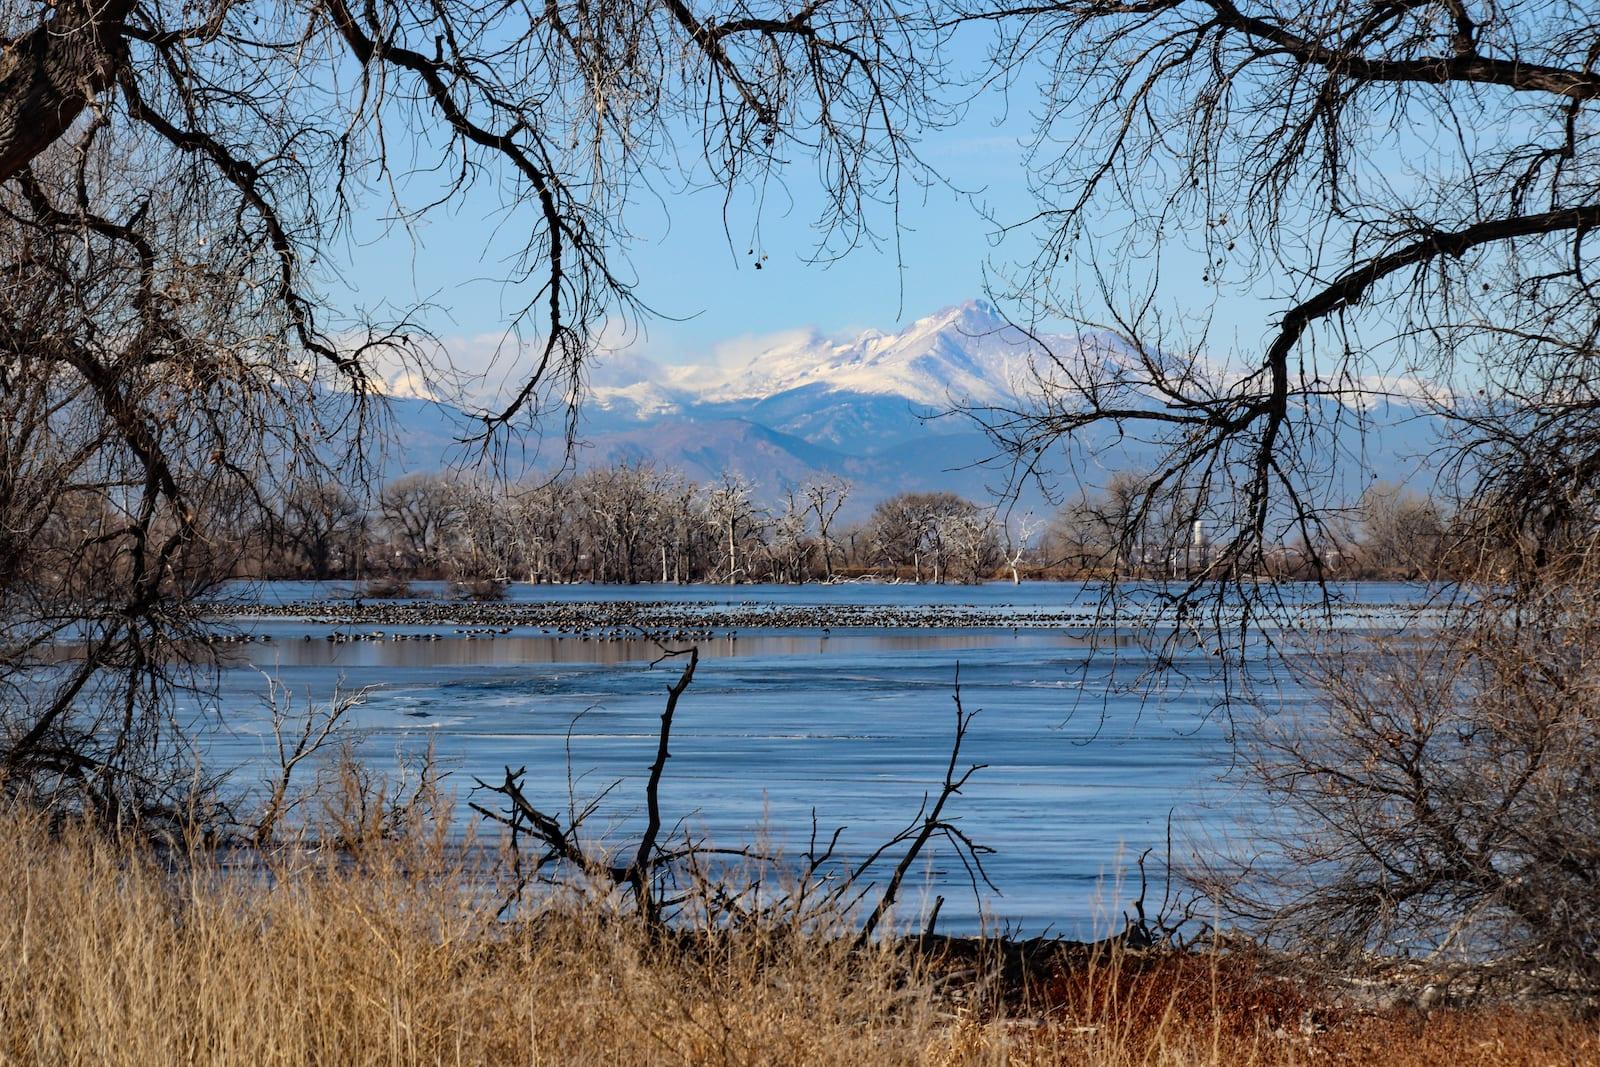 Barr Lake Longs Peak in distance Colorado